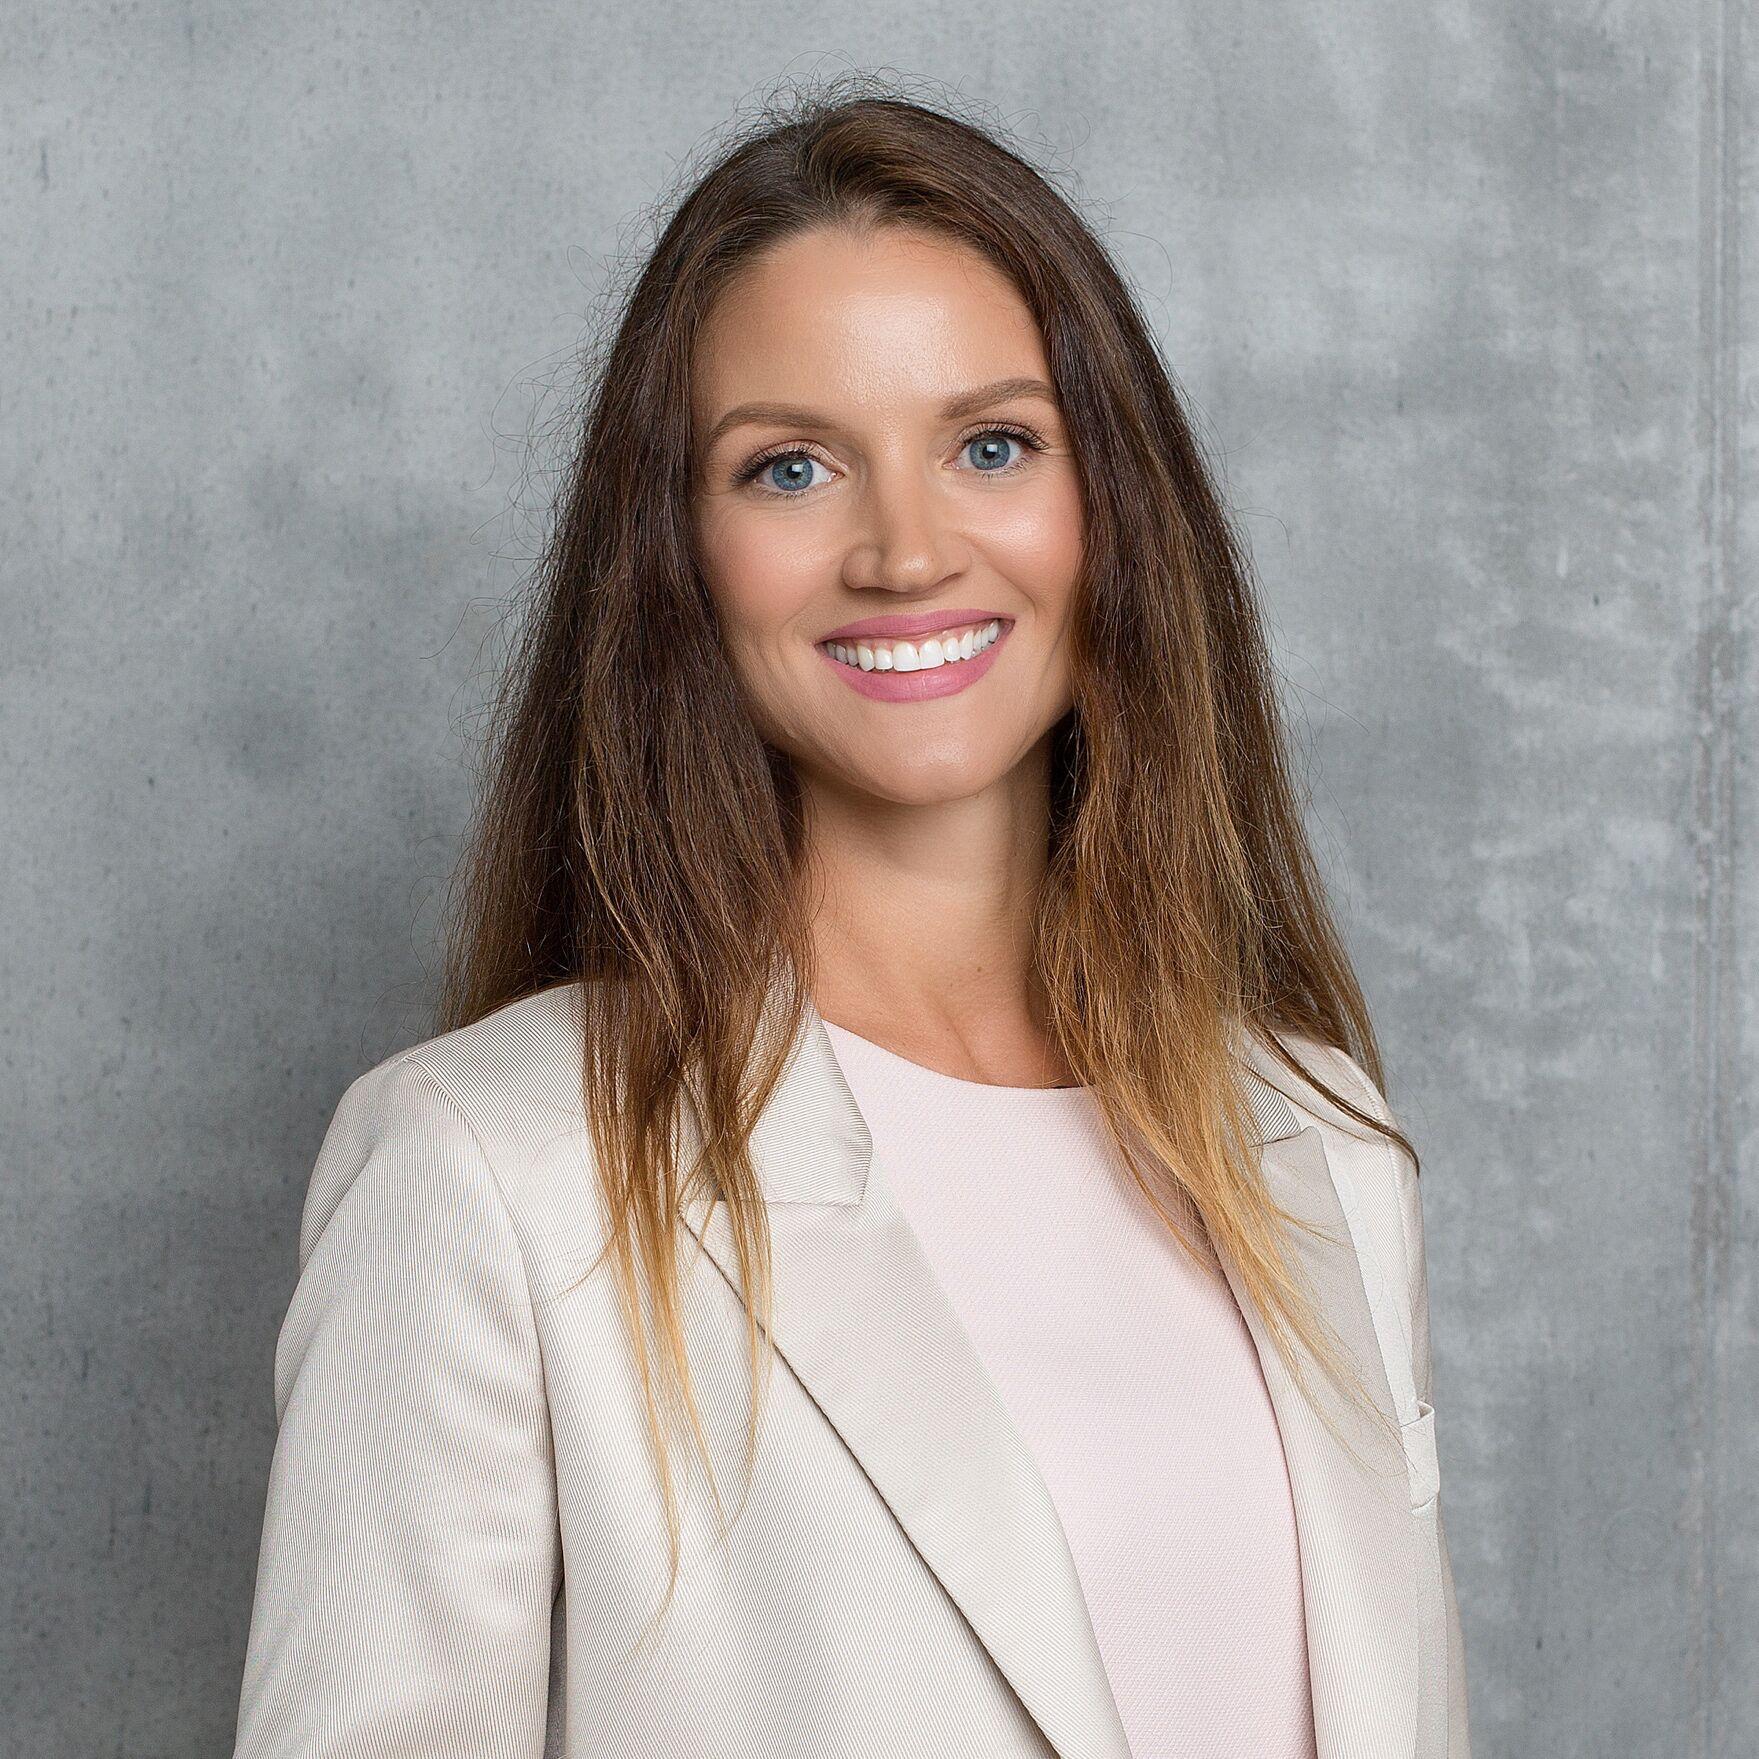 Ilona Skuodytė-Cibė